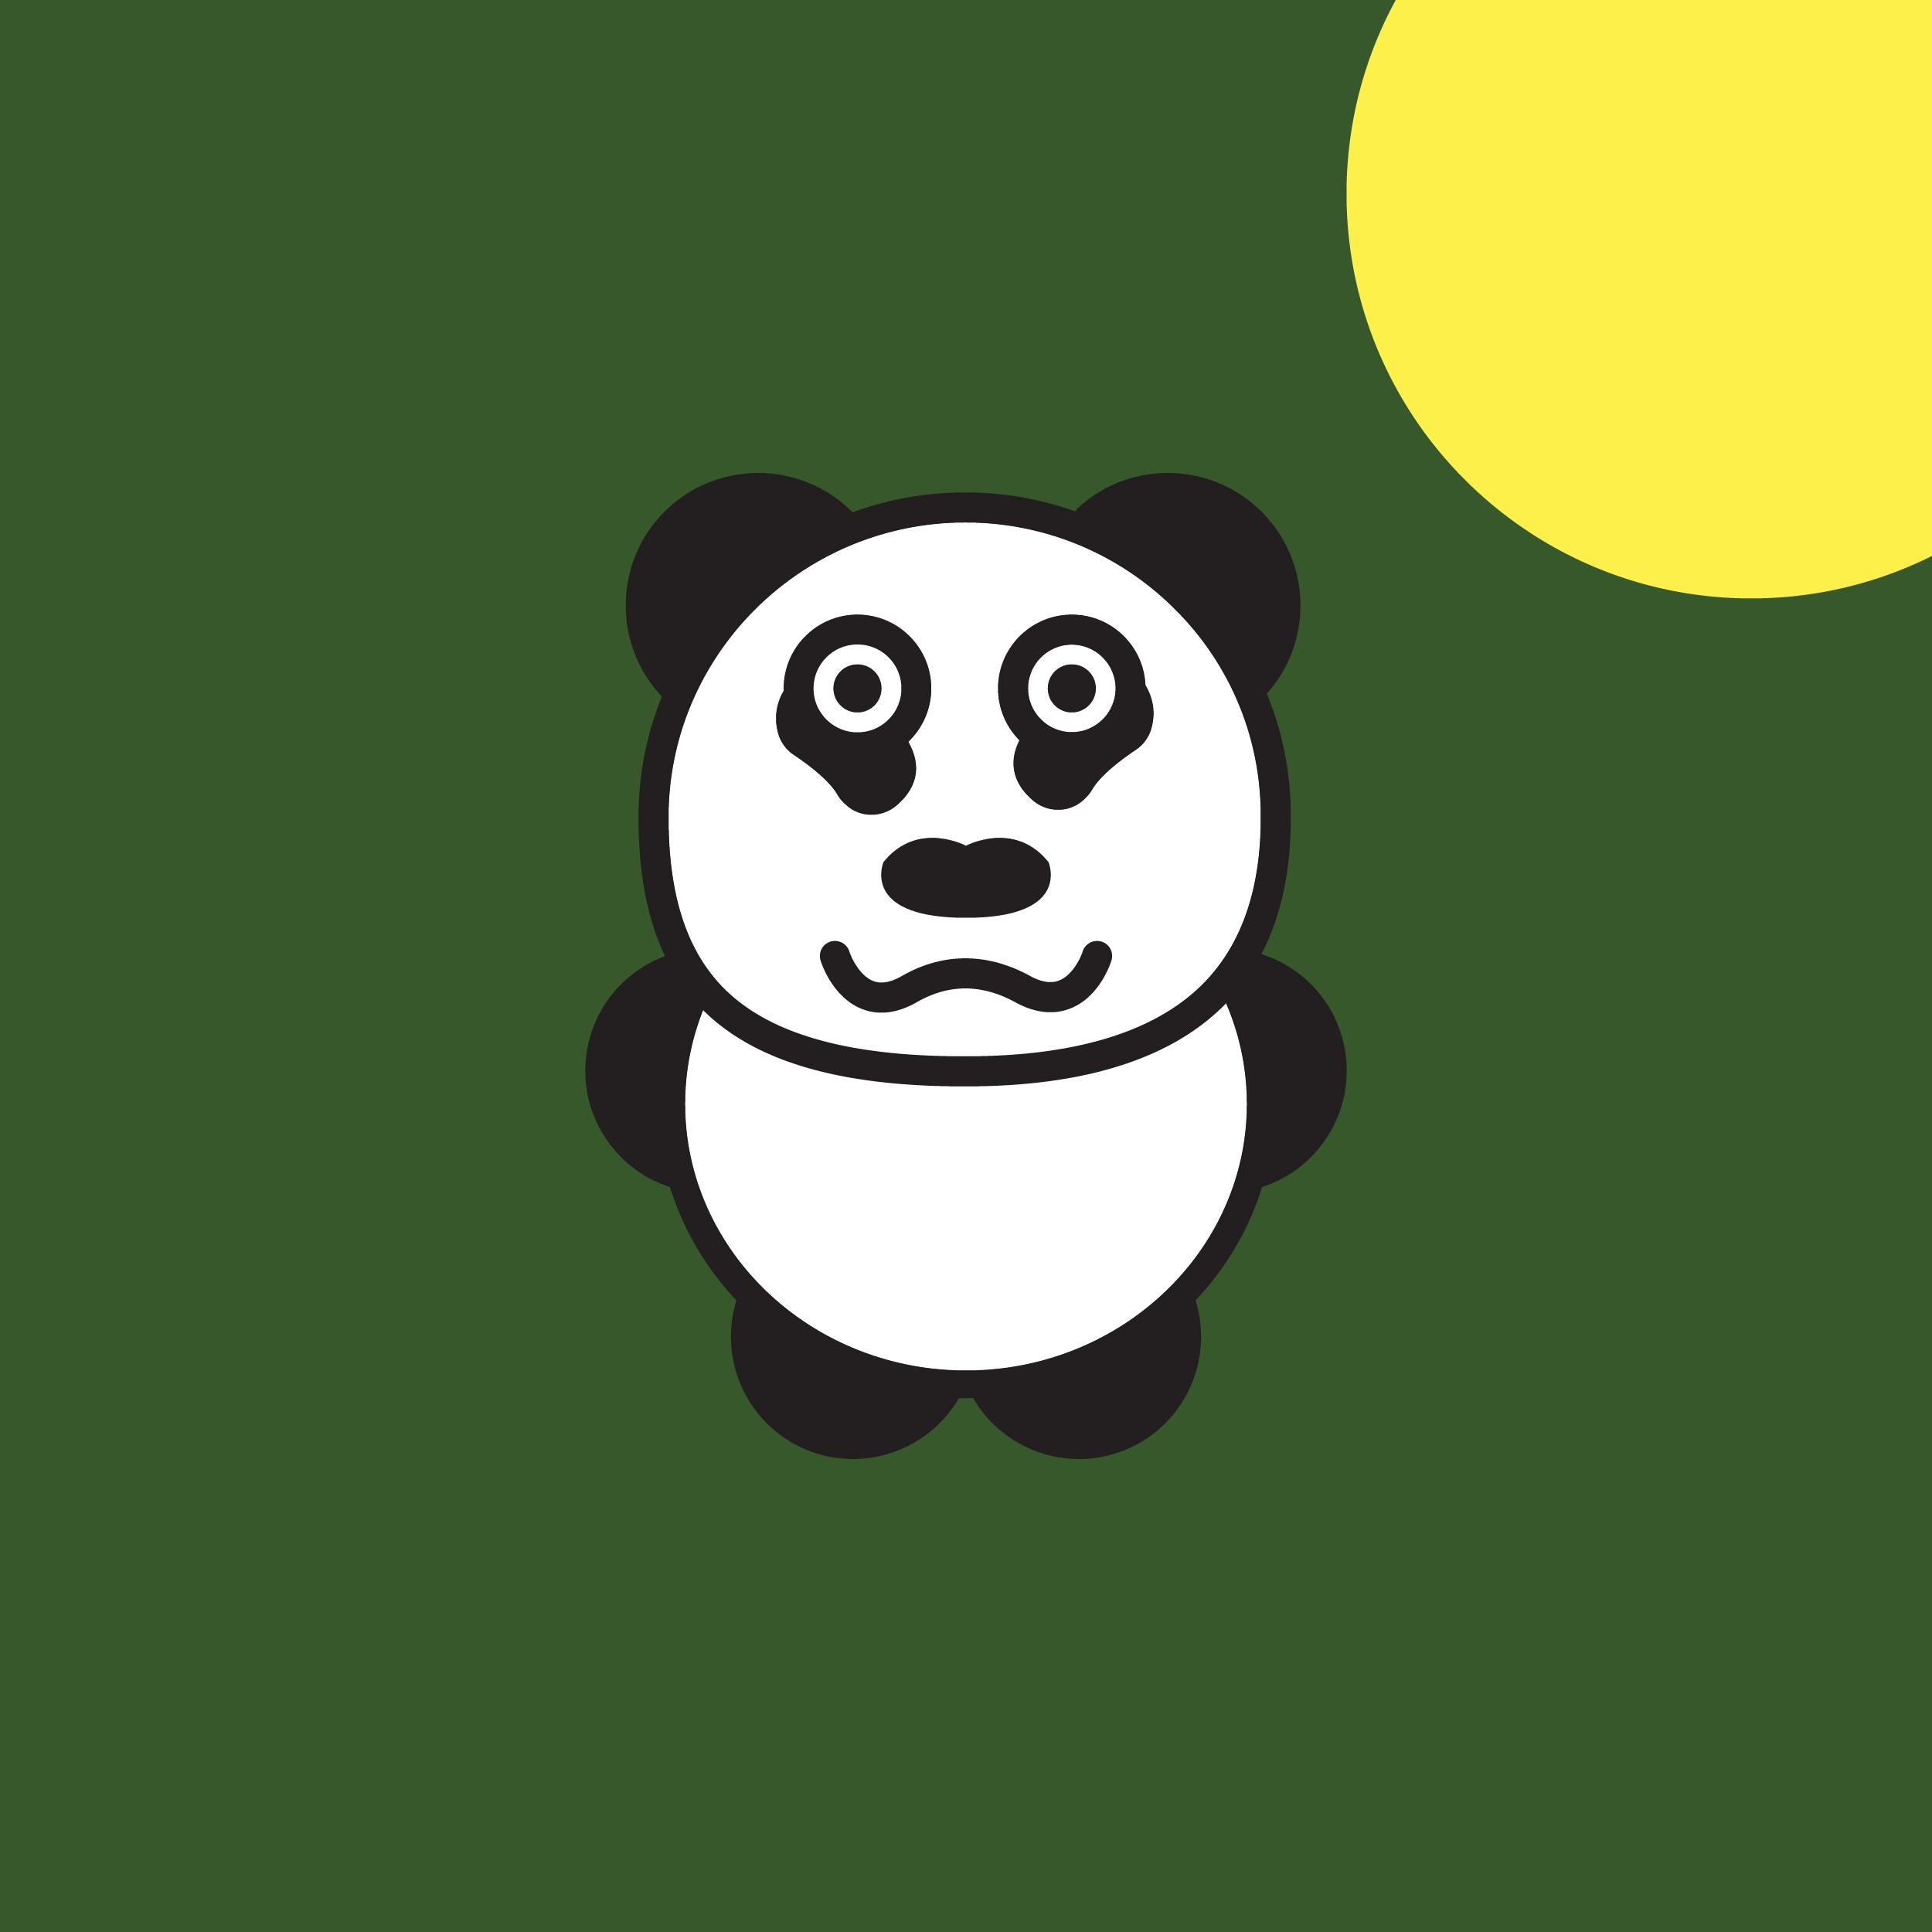 Panda-01.png